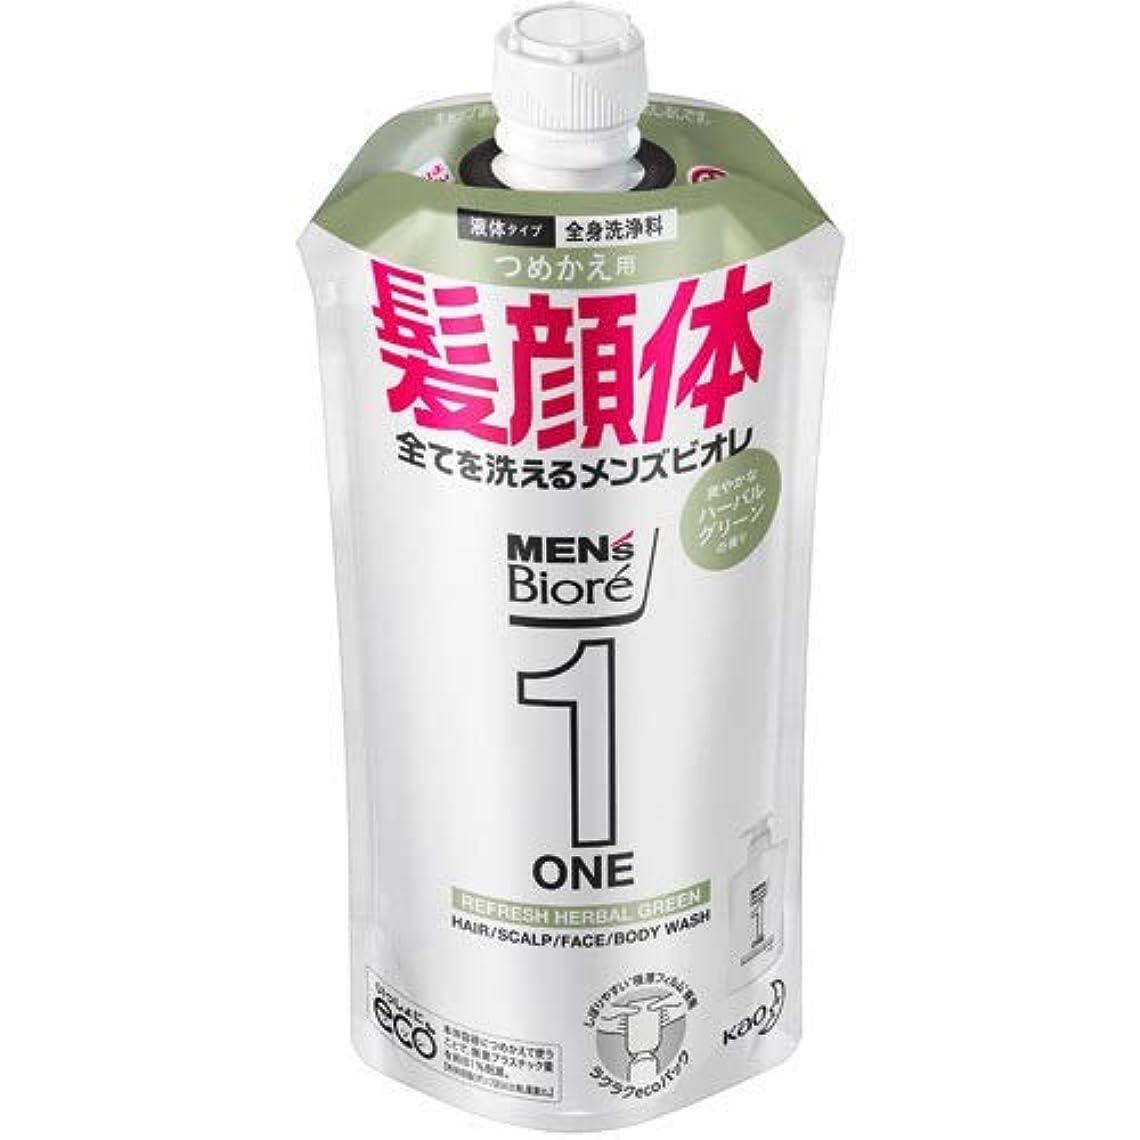 ナビゲーションまっすぐにするアカデミー【10個セット】メンズビオレONE オールインワン全身洗浄料 爽やかなハーブルグリーンの香り つめかえ用 340mL